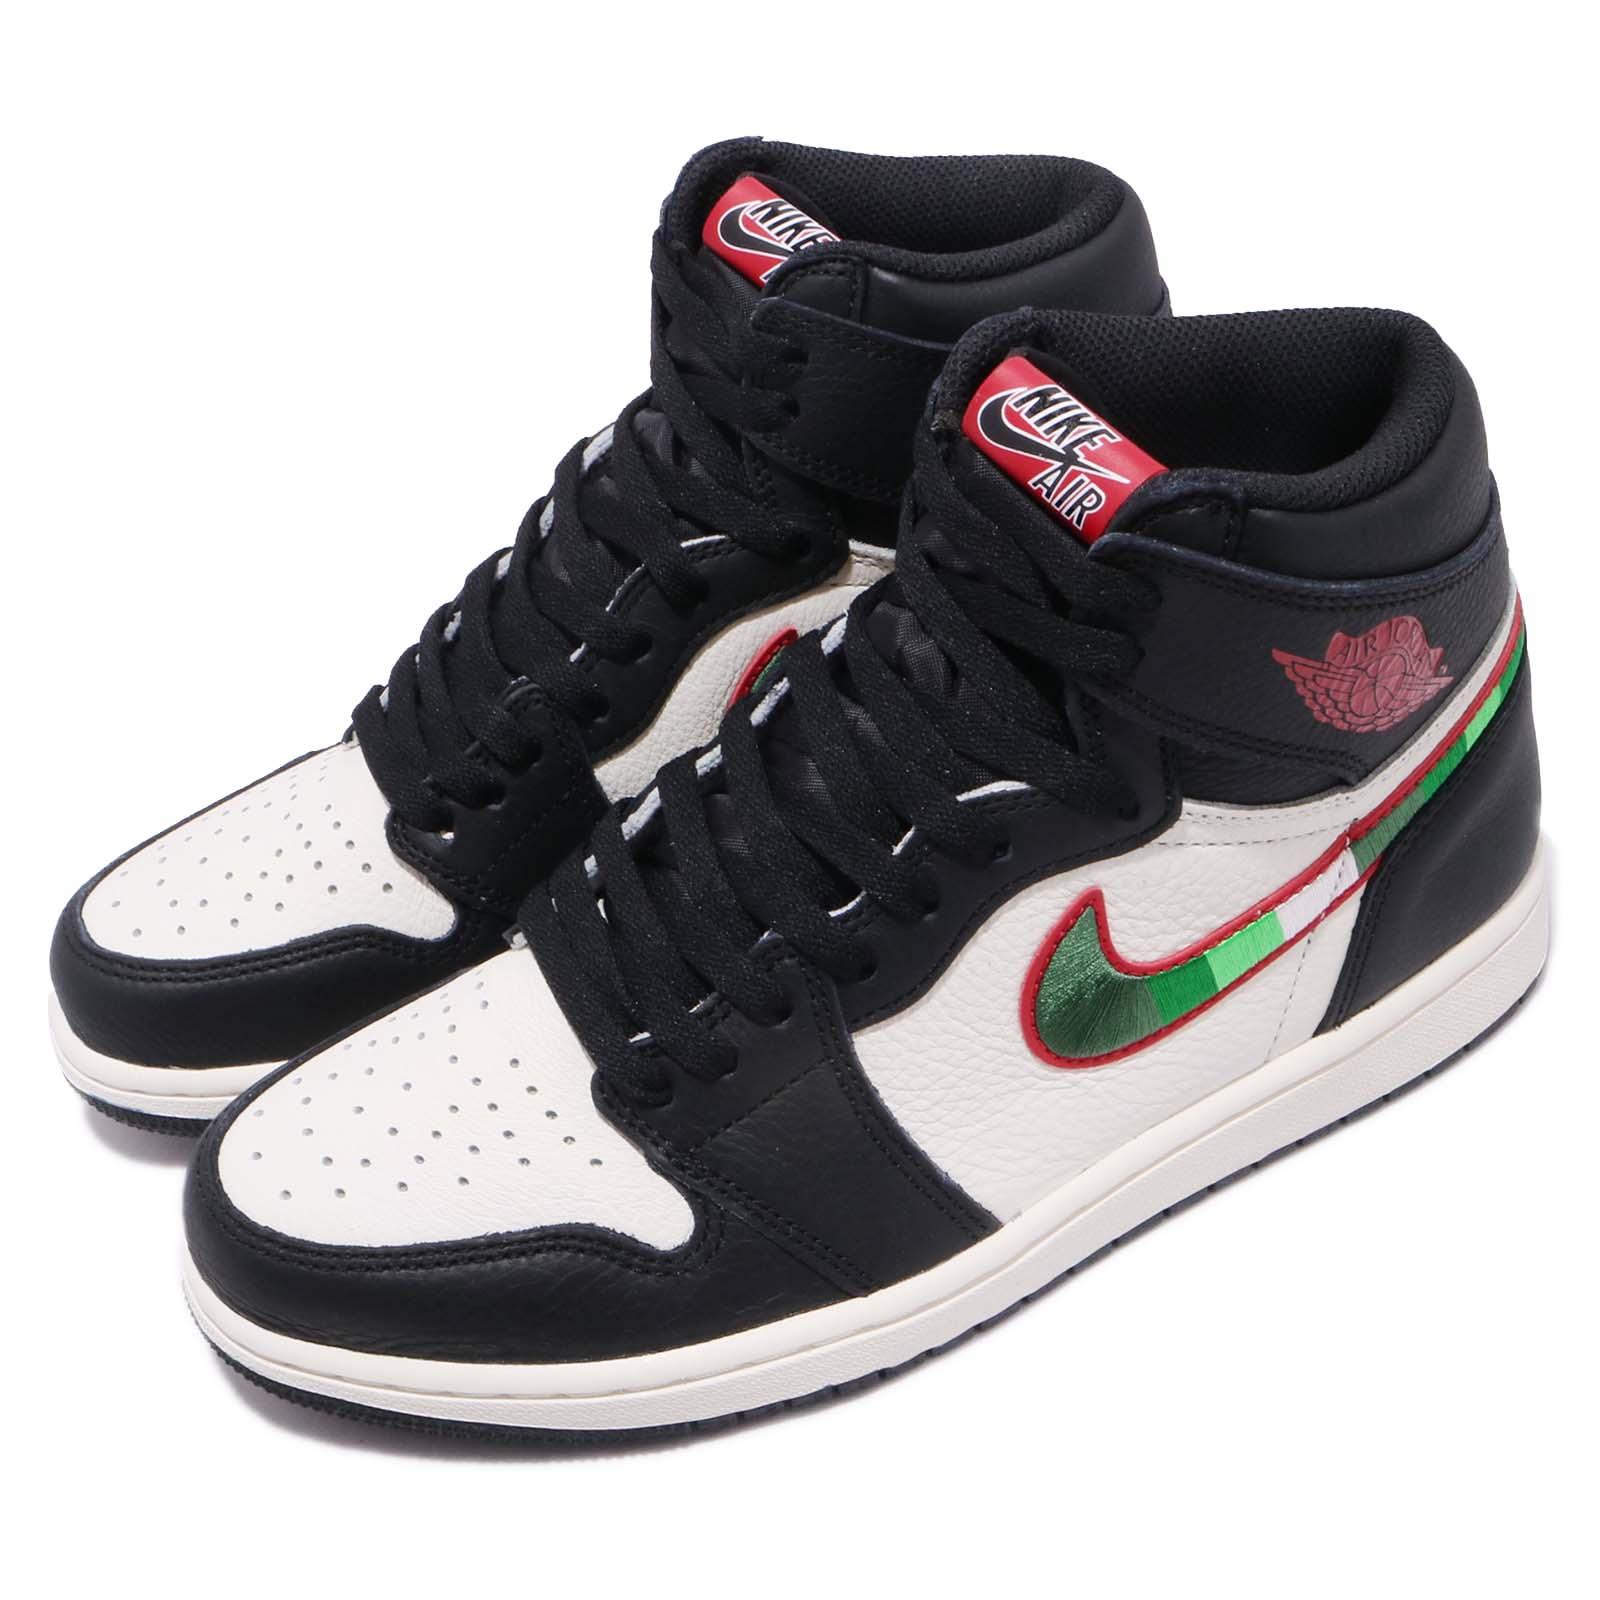 Nike Air Jordan 1 Retro 男鞋 555088-015